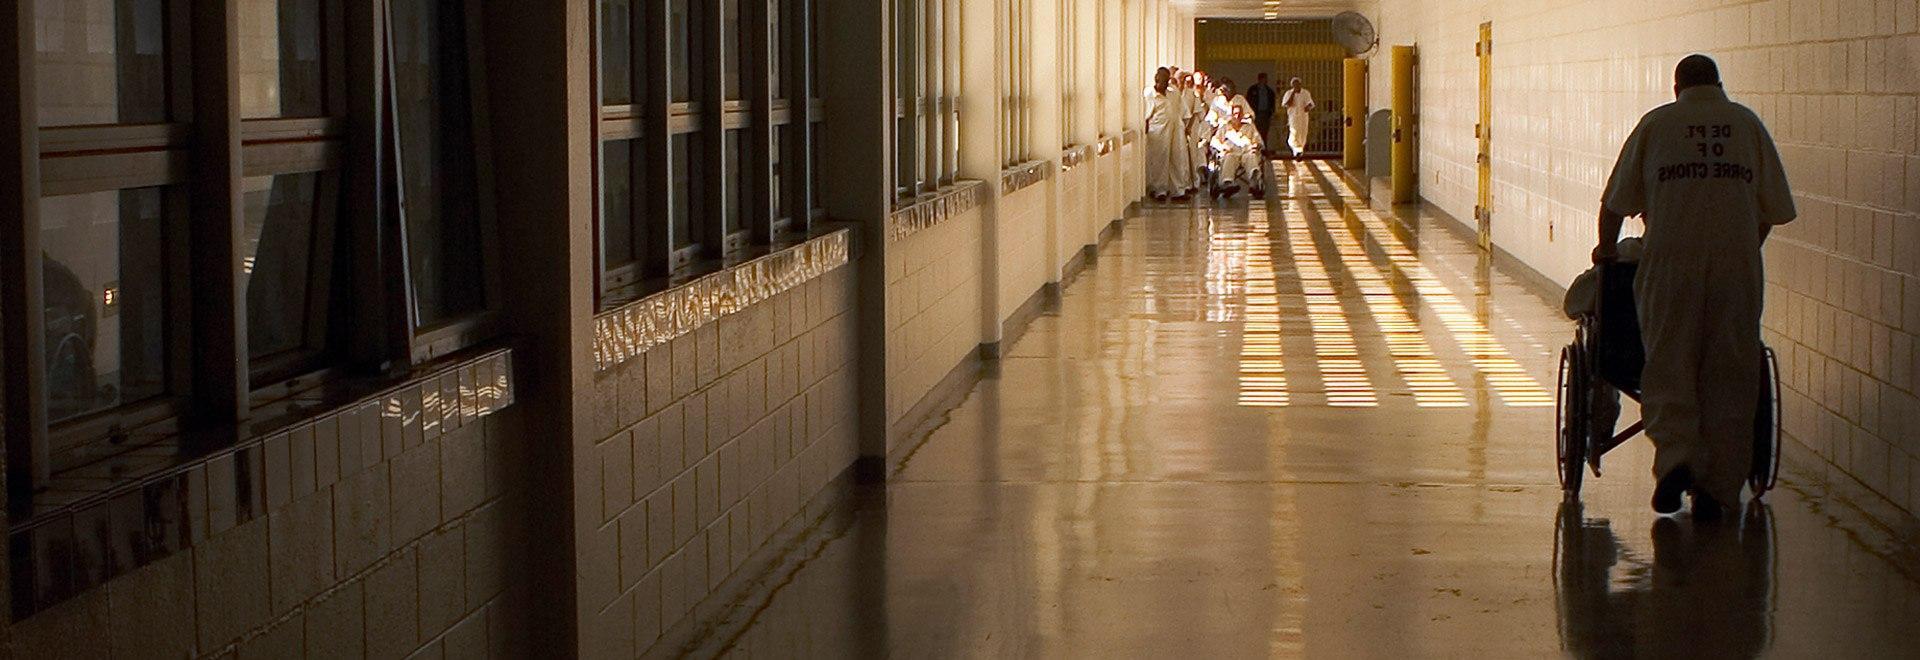 I guardiani dell'inferno: prigioni estreme